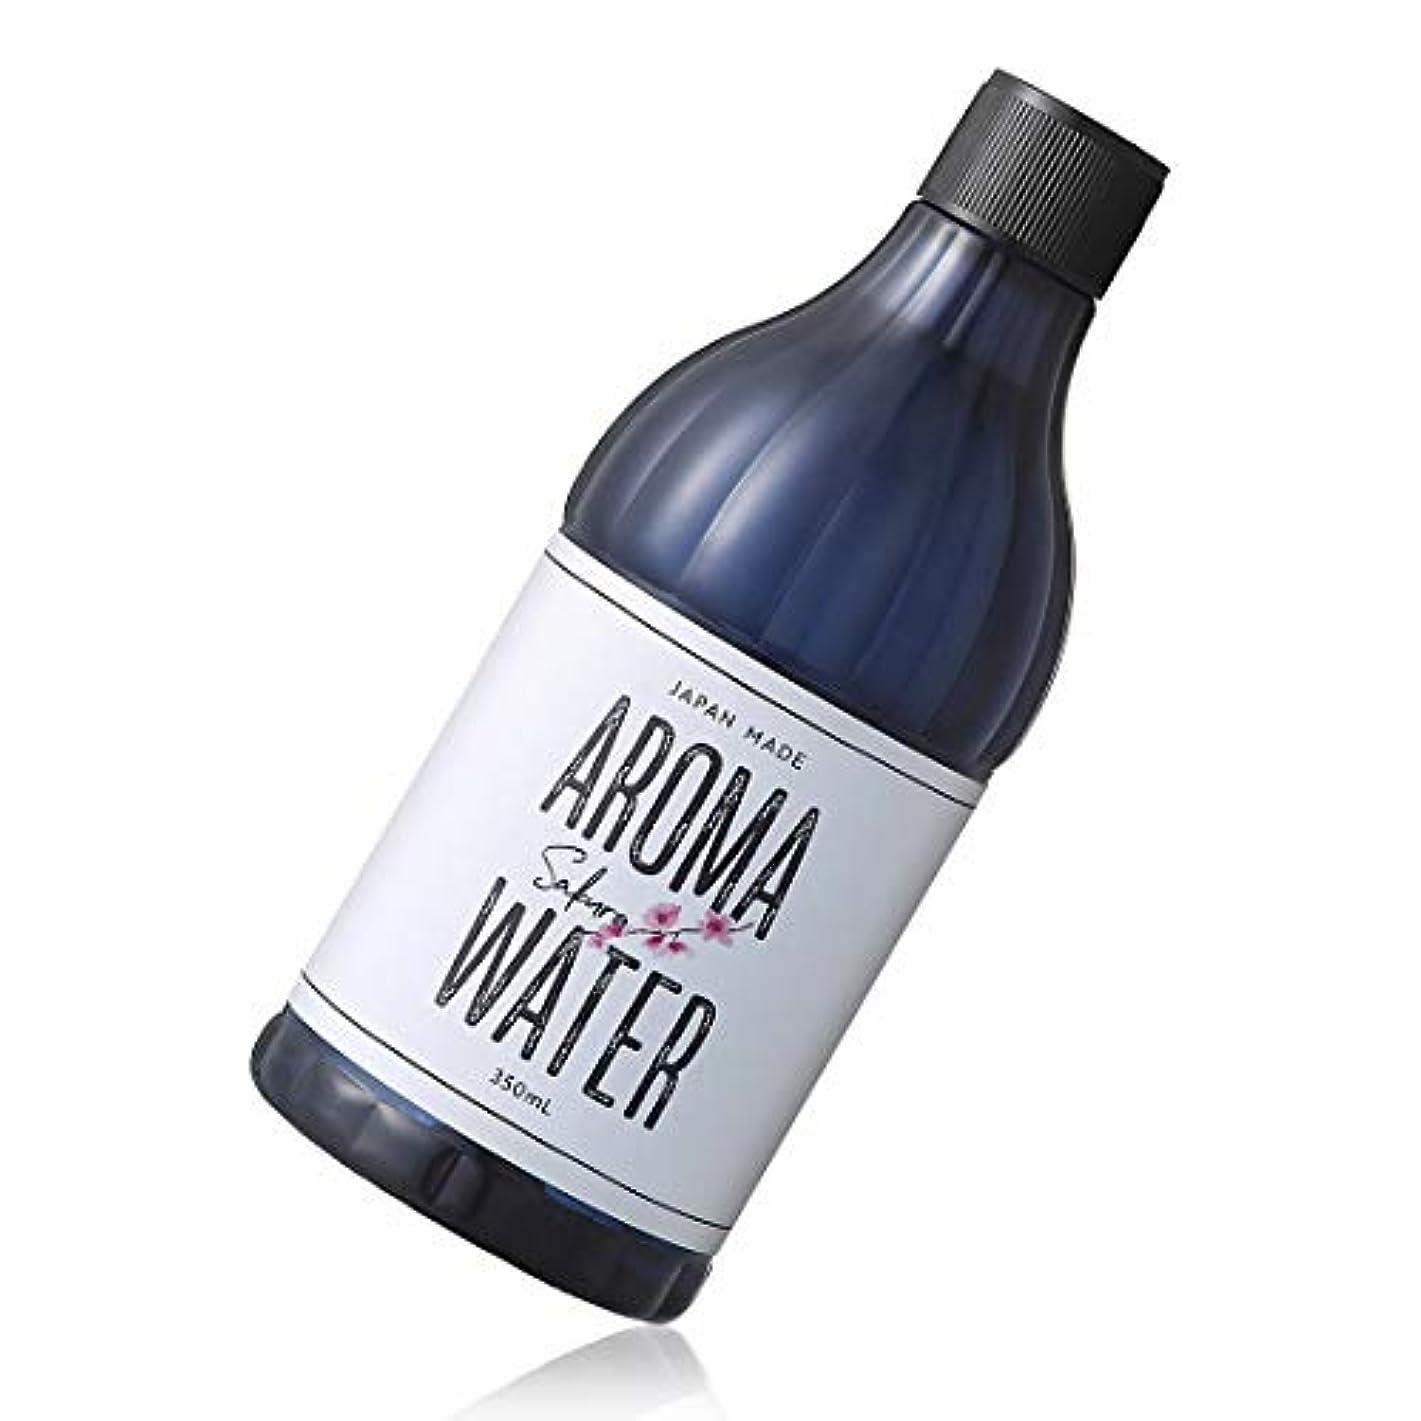 フラップポール強打デイリーアロマジャパン アロマウォーター 加湿器用 350ml 日本製 水溶性アロマ - サクラ